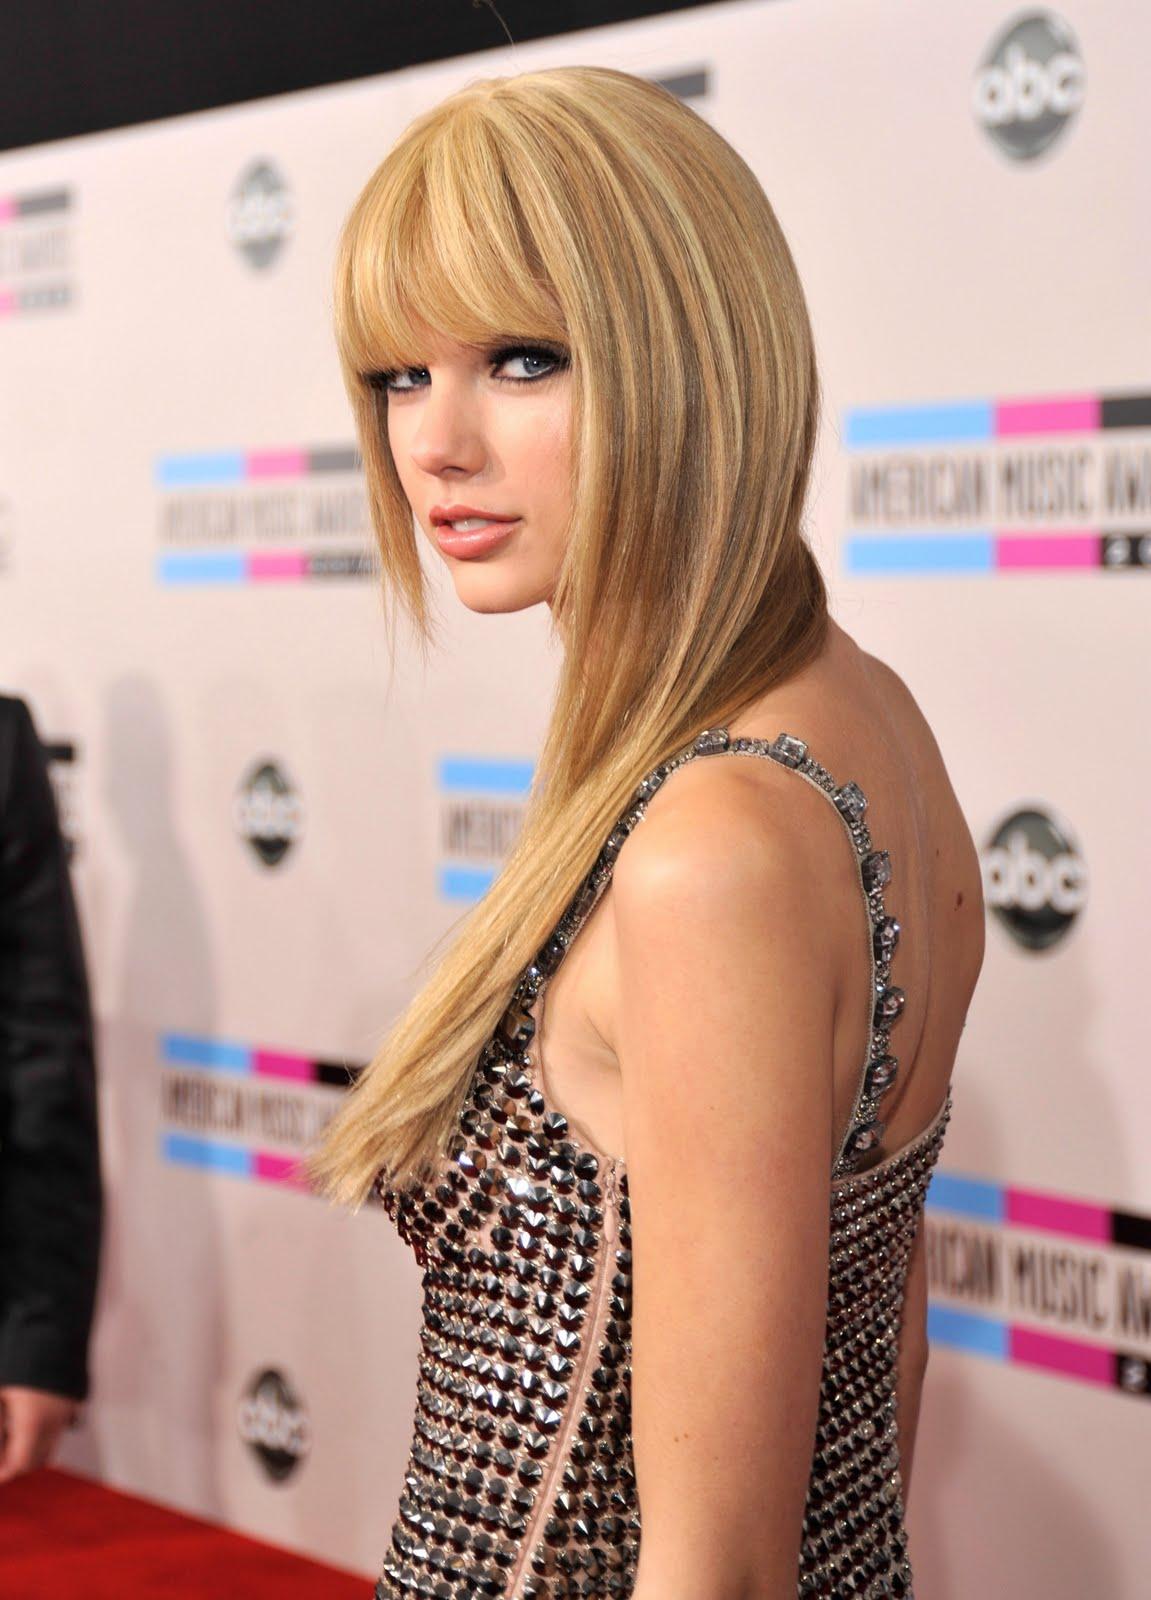 http://3.bp.blogspot.com/_mKhYEA-O8UQ/TOq5FQTx0YI/AAAAAAAAC_U/lCIXwEYC-6U/s1600/Taylor%2BSwift.jpg